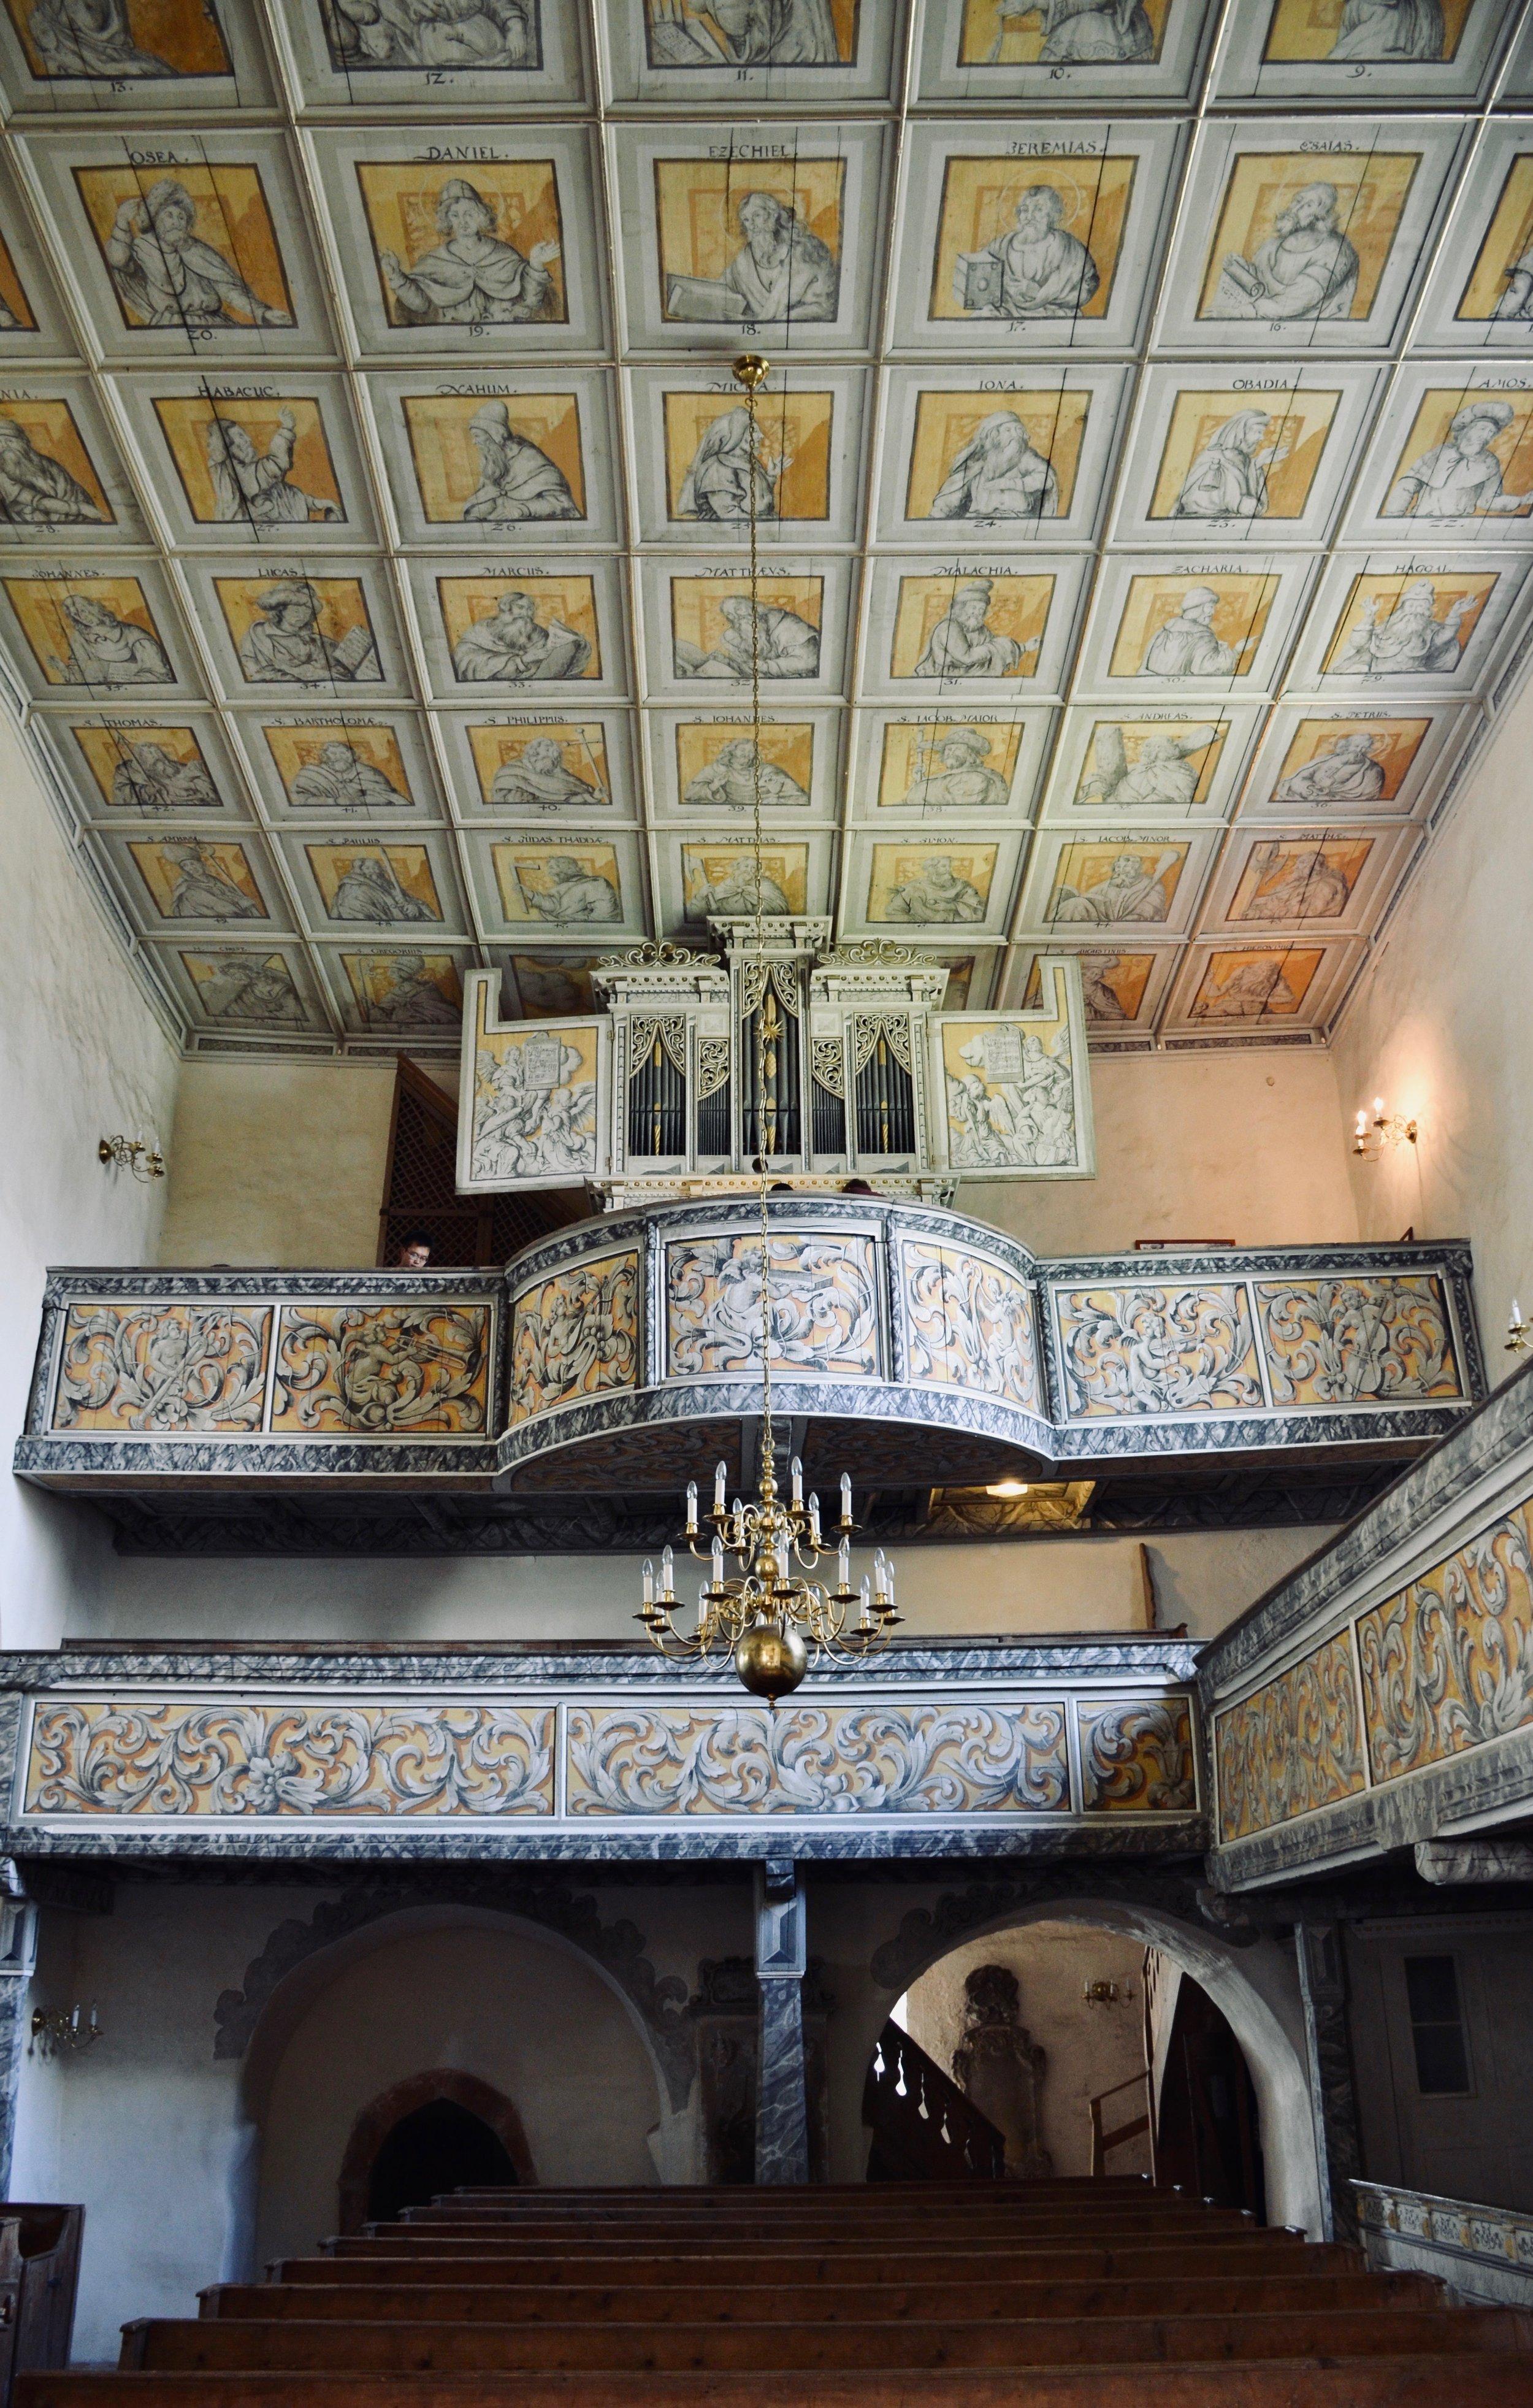 1671 Richter Organ, Wehrkirche, Pomßen